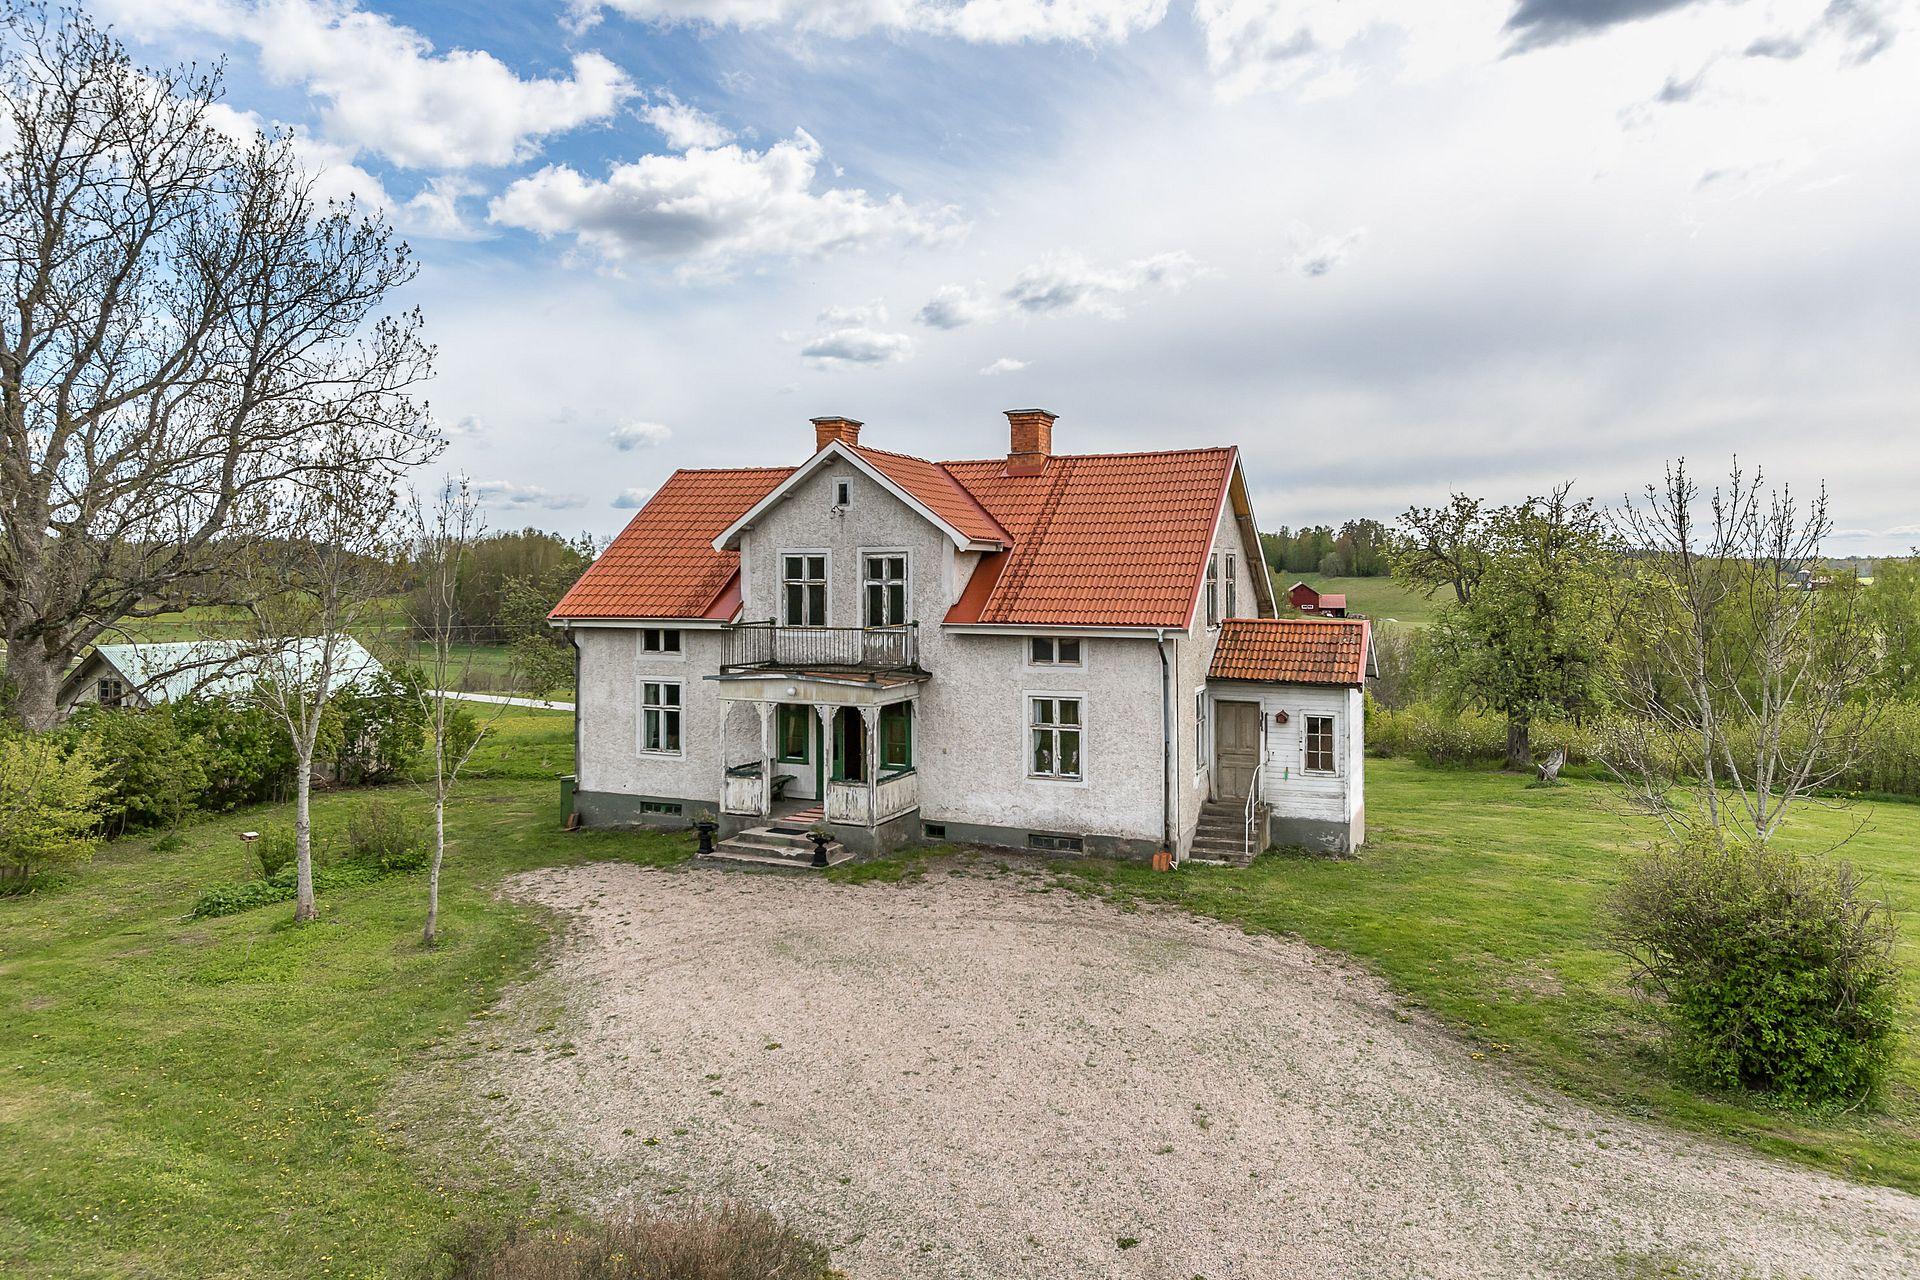 341547-30_Västra_Vegred_017